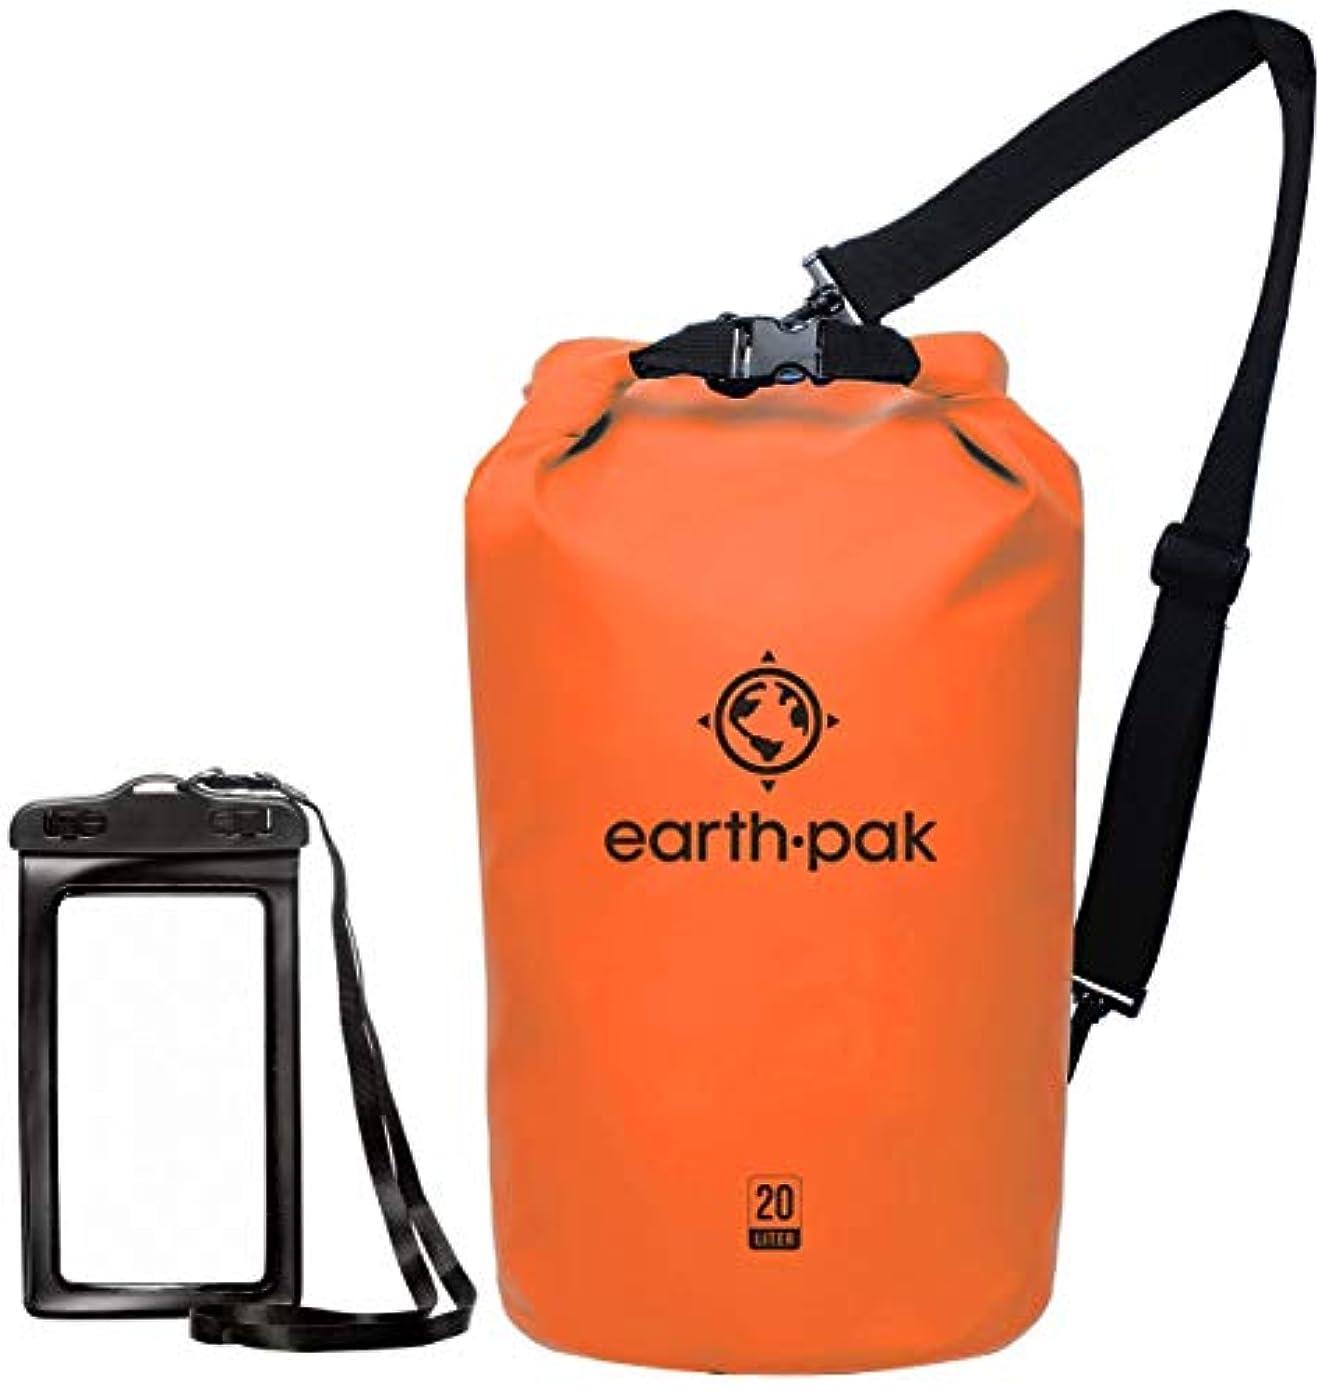 衝突コース終了するどちらかEarth Pak -Waterproof Dry Bag - Roll Top Dry Compression Sack Keeps Gear Dry for Kayaking, Beach, Rafting, Boating, Hiking, Camping and Fishing with Waterproof Phone Case [並行輸入品]